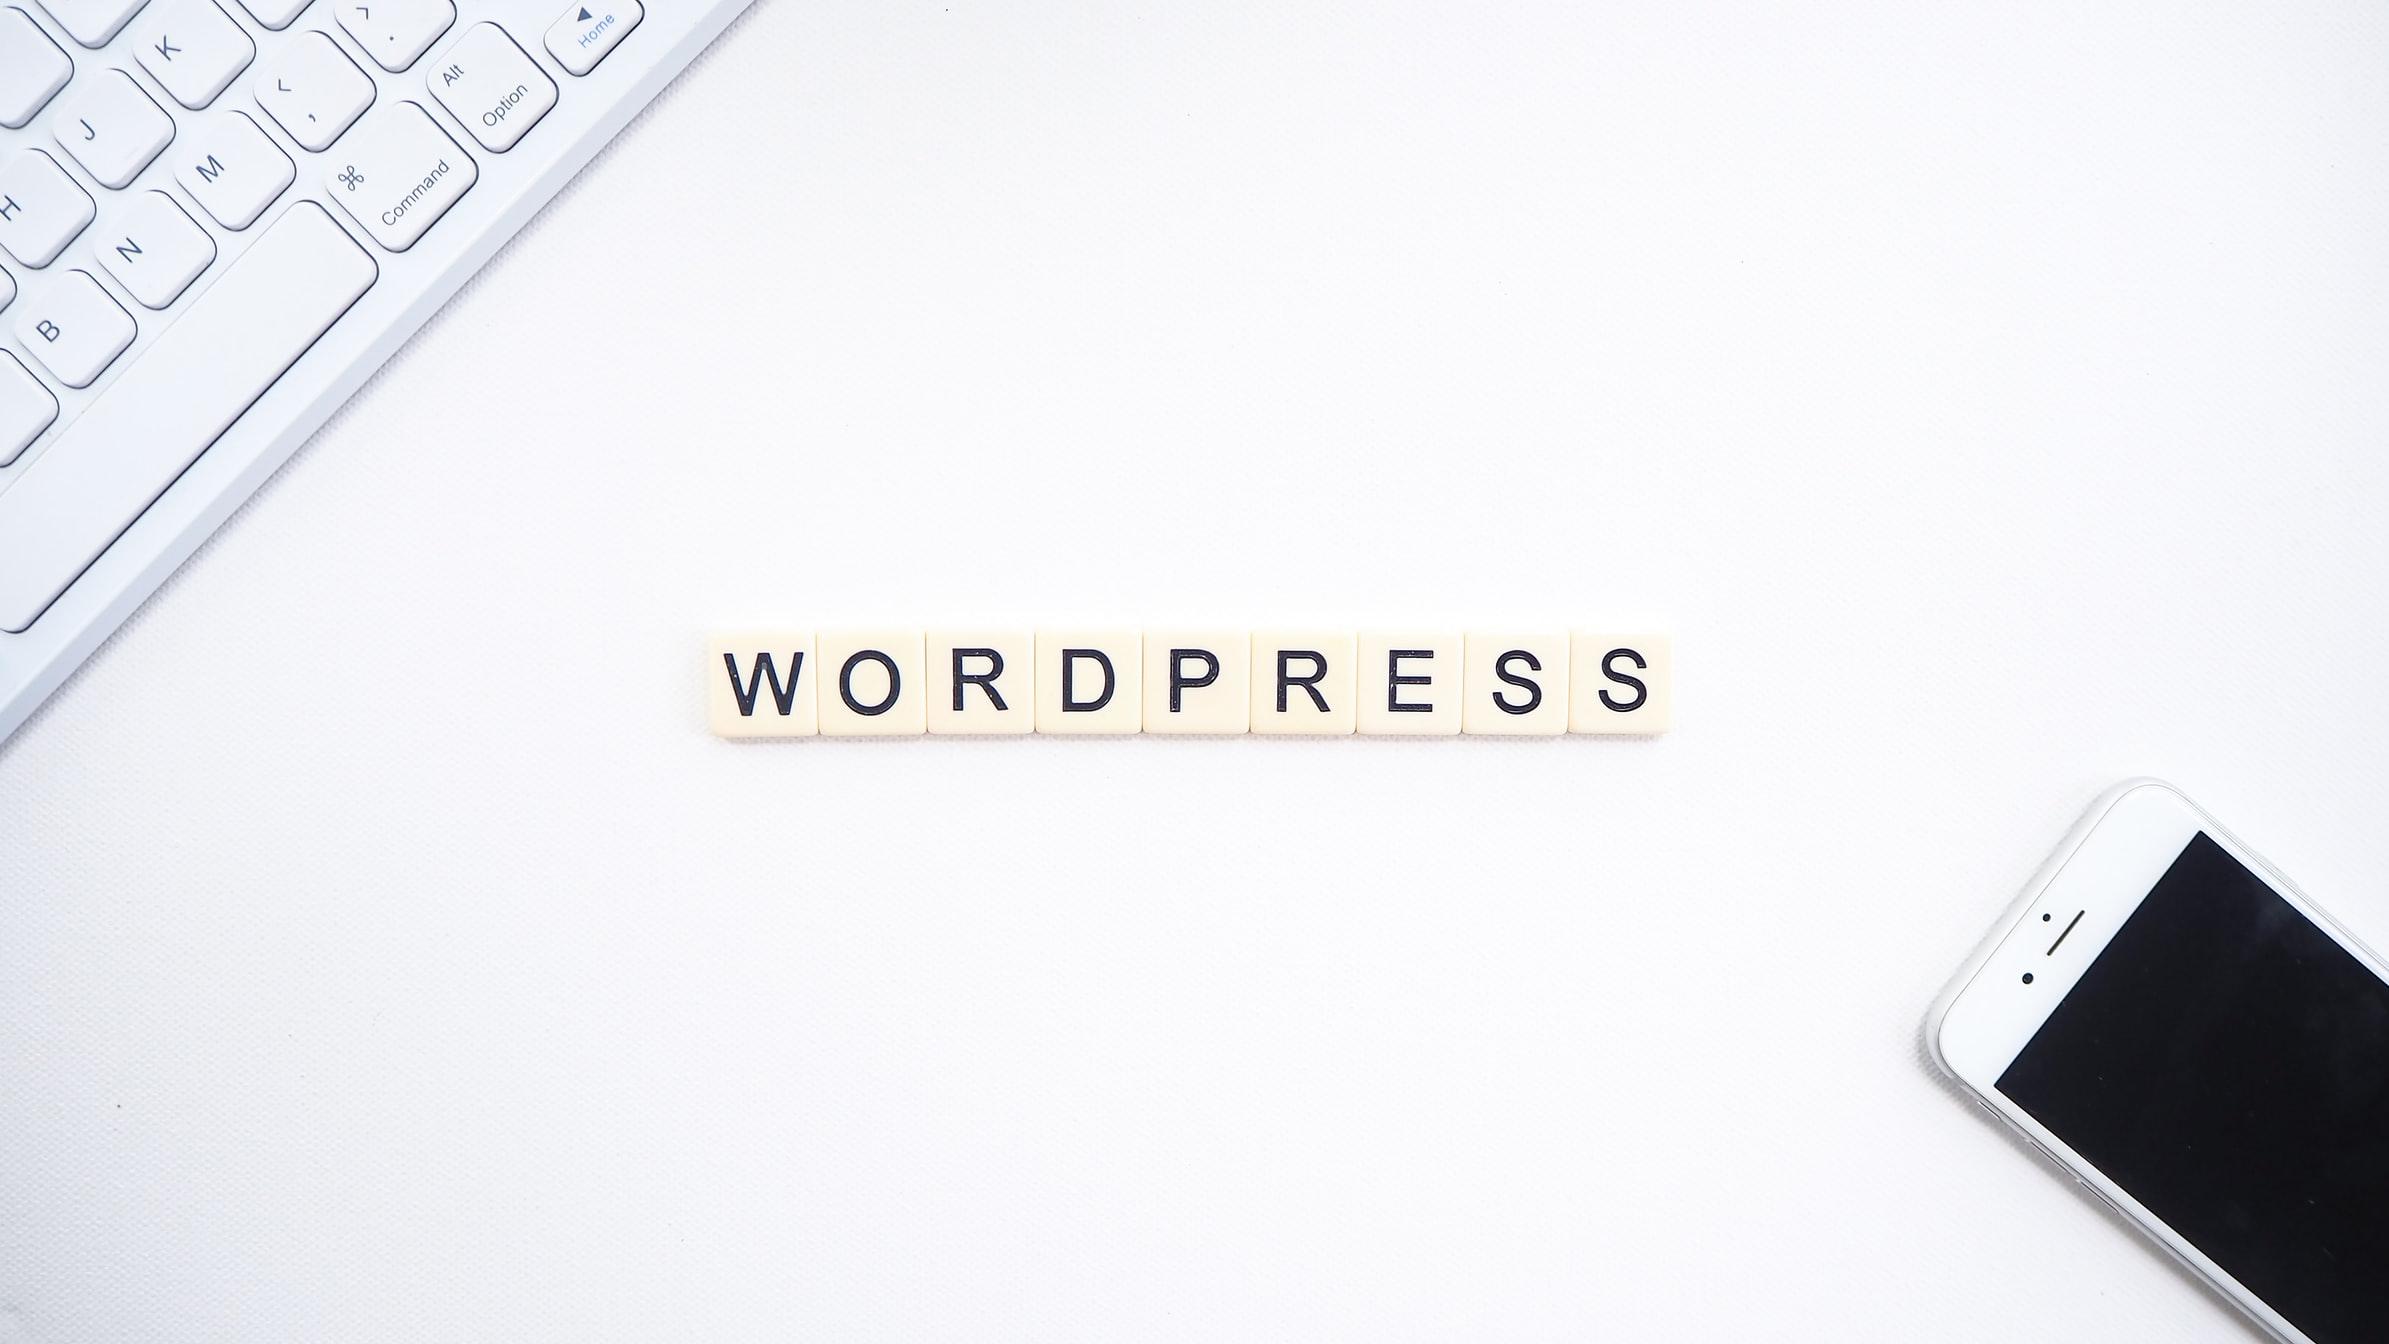 Pourquoi utiliser Wordpress pour créer votre site internet ?